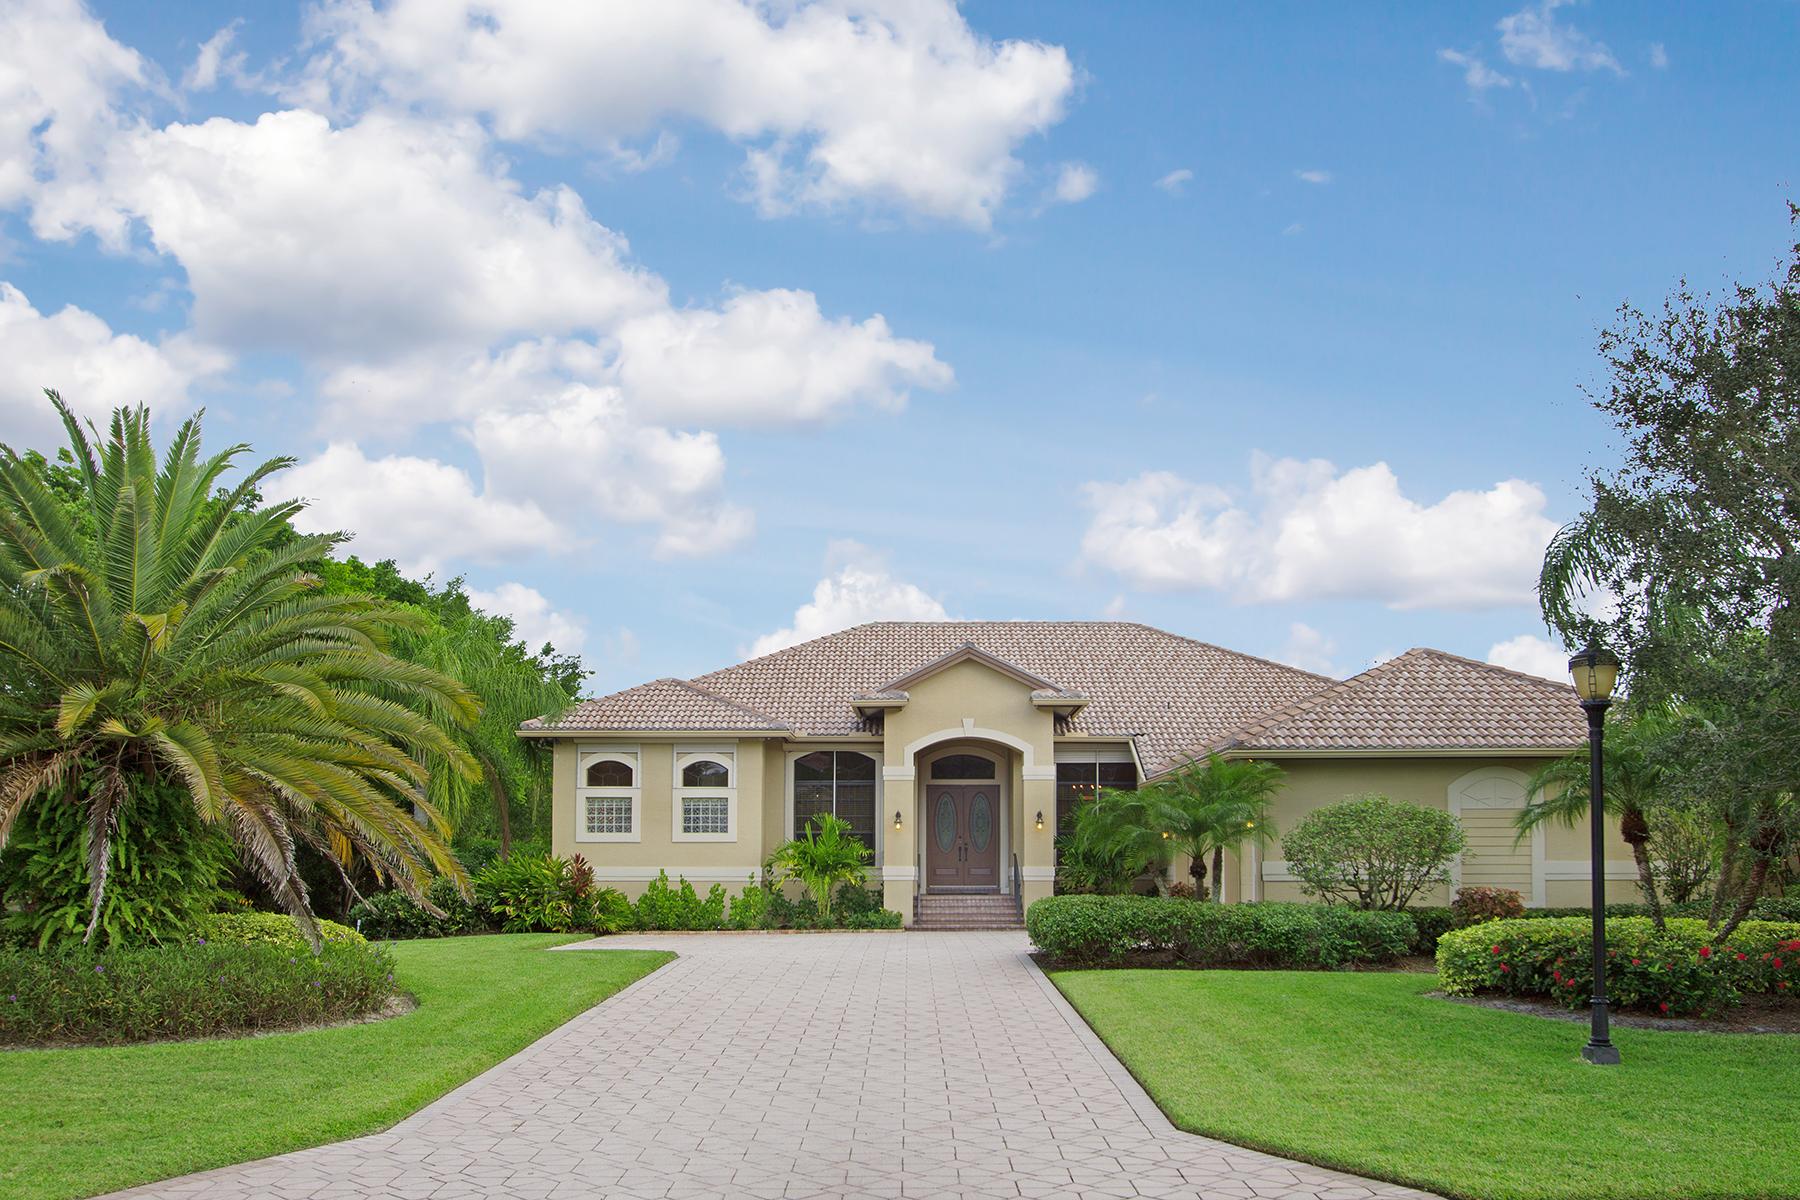 Nhà ở một gia đình vì Bán tại DEVONWOOD ESTATES 15541 Old Wedgewood Ct Fort Myers, Florida, 33908 Hoa Kỳ